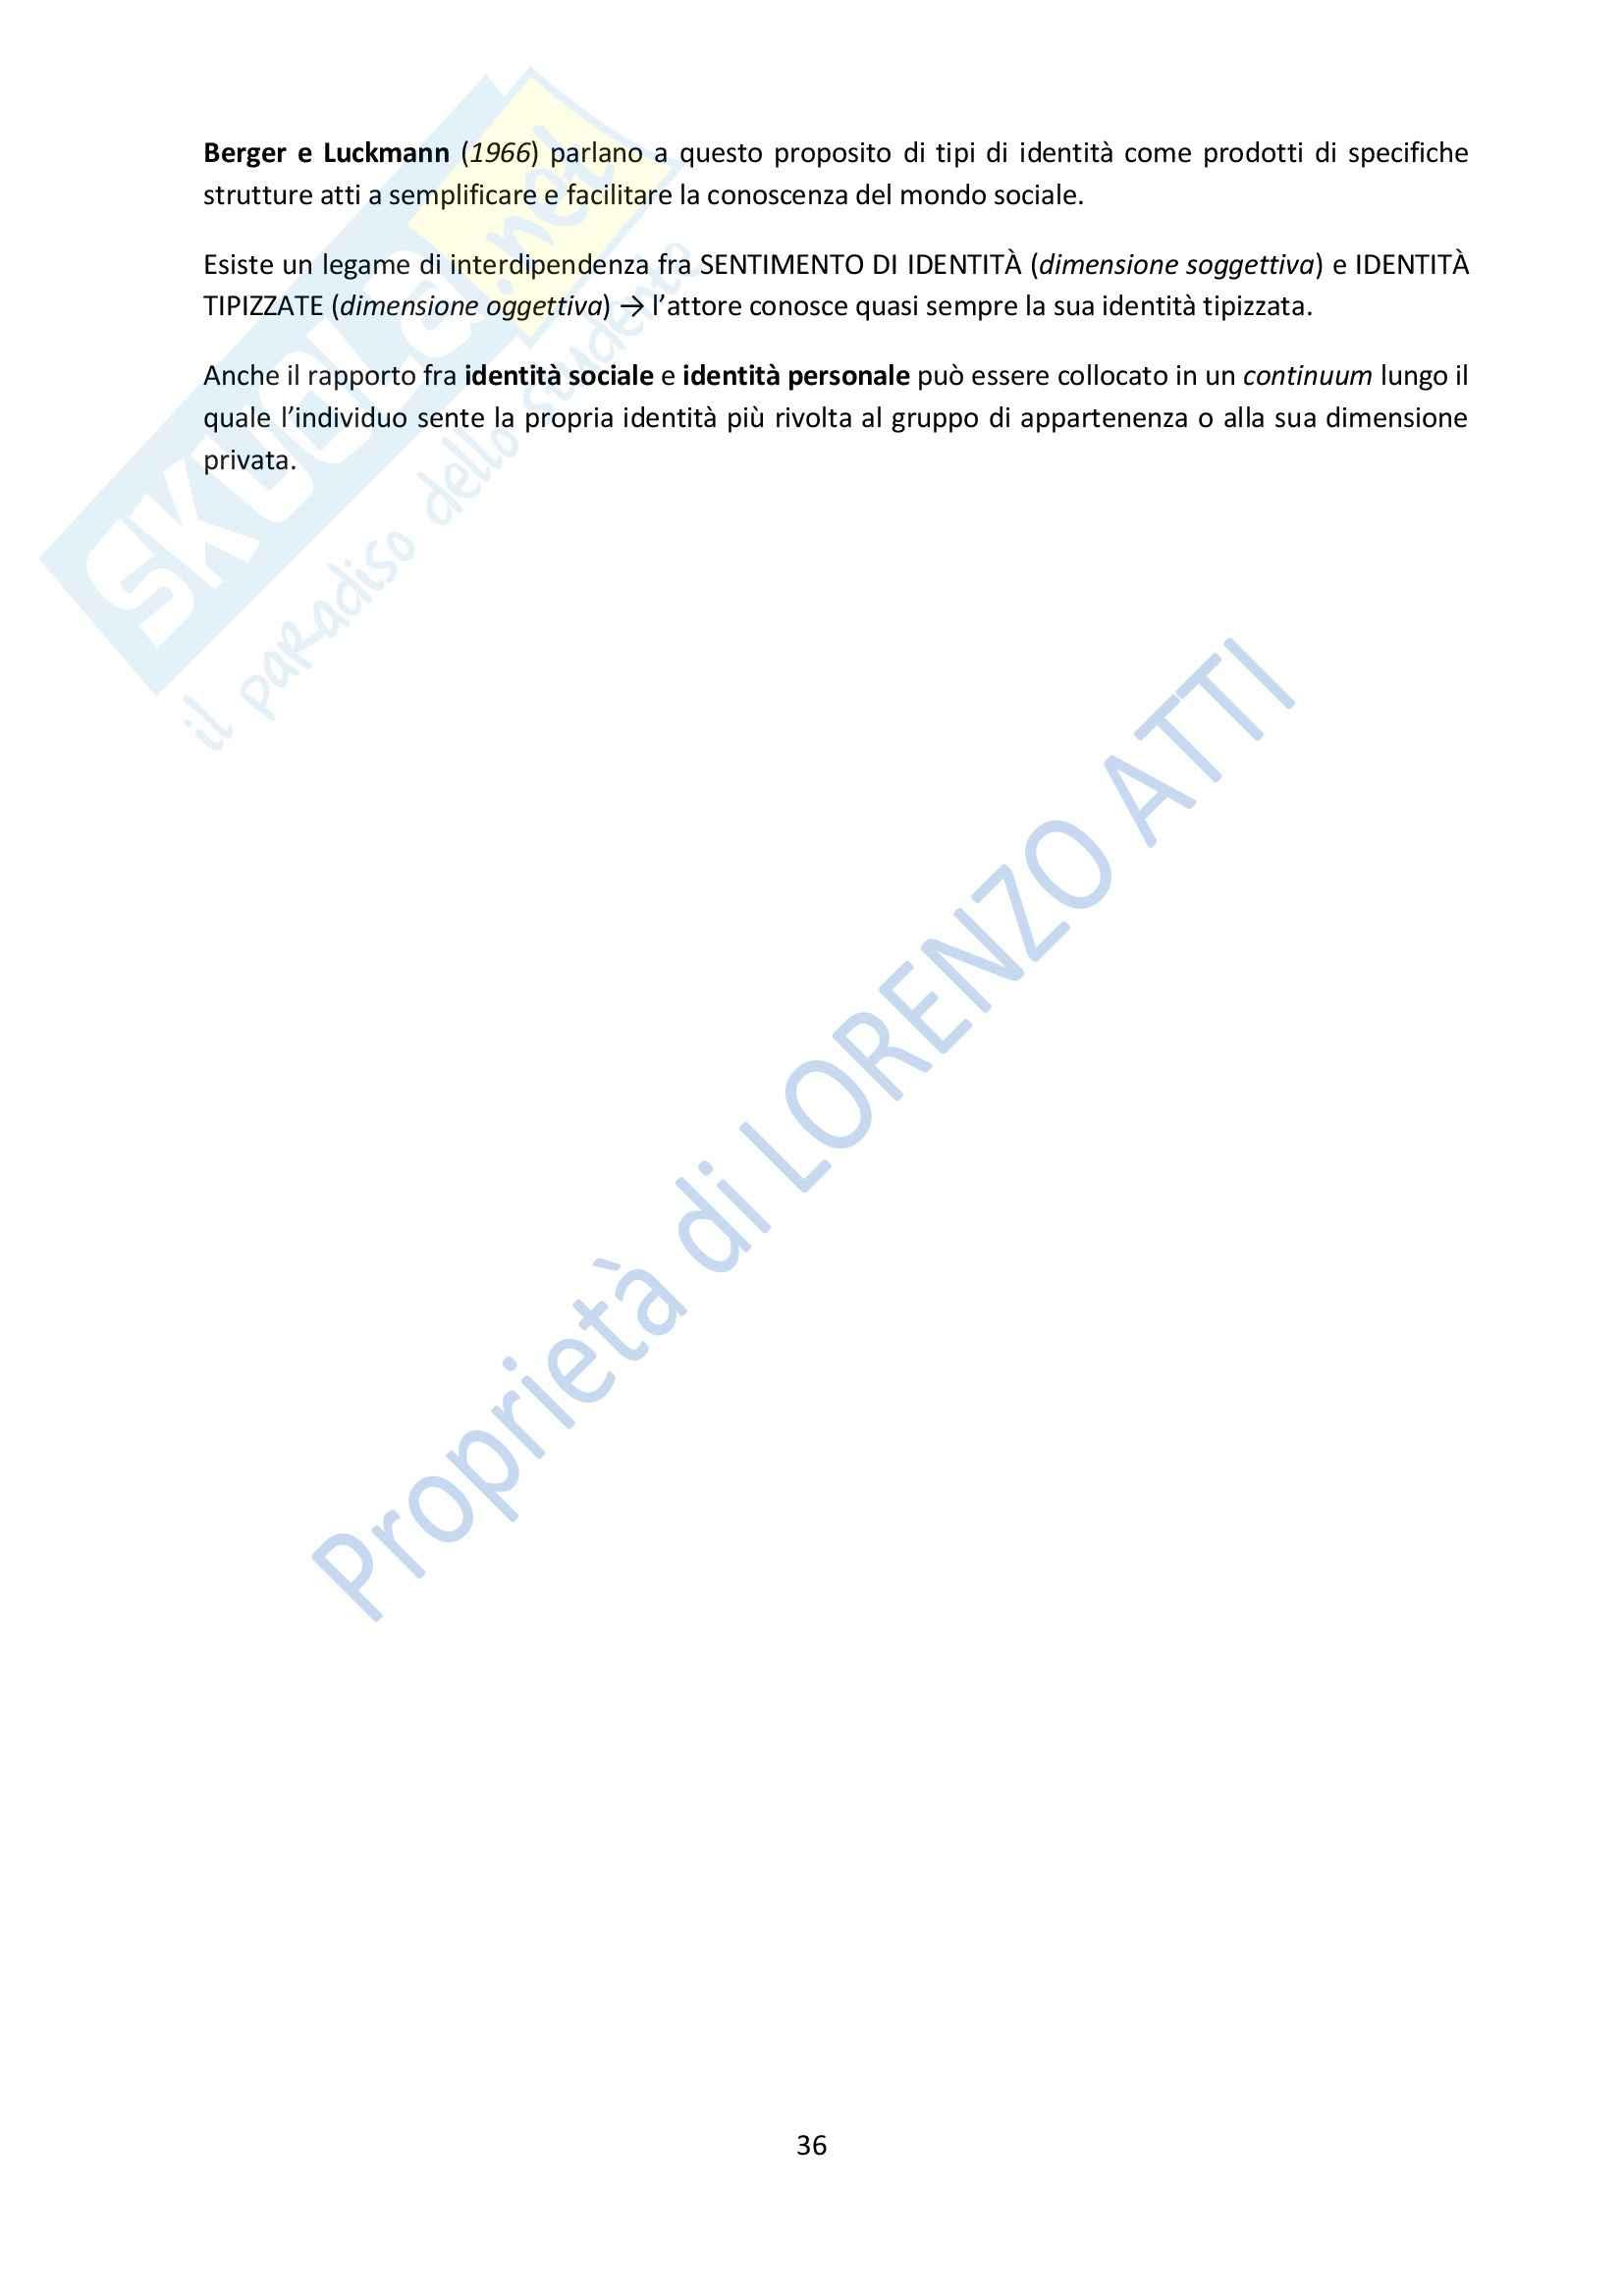 Riassunto esame Psicologia, prof. Rubini, libro consigliato Manuale di Psicologia Sociale, Palmonari, Cavazza, Rubini Pag. 36